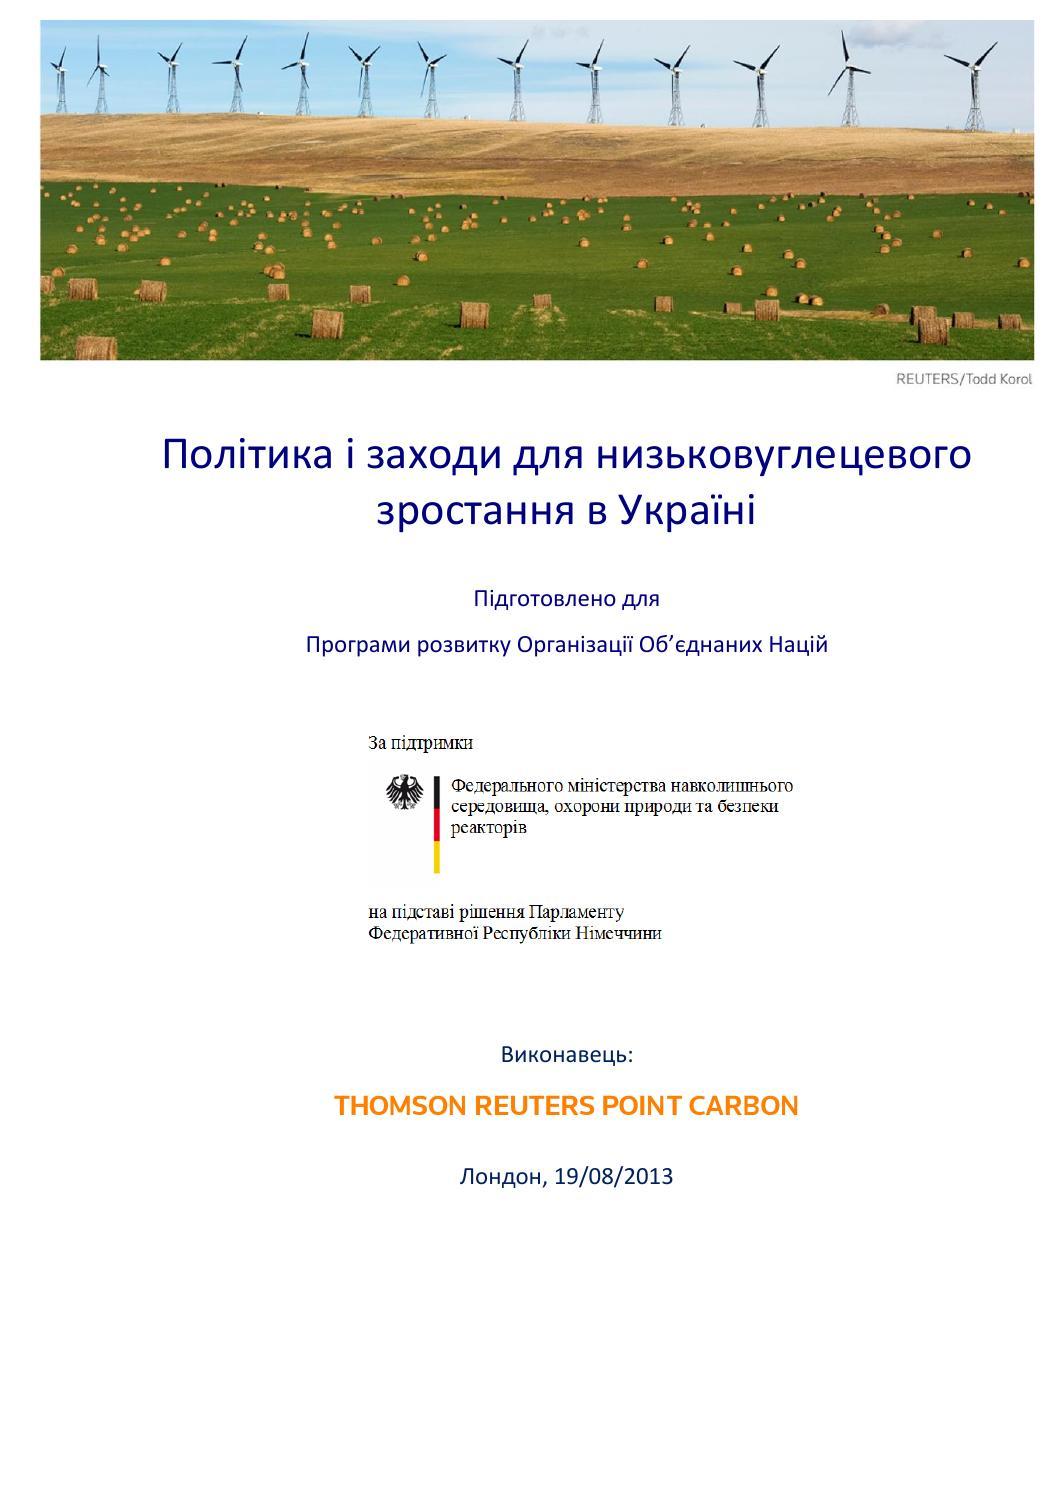 Політика і заходи для низьковуглецевого зростання в Україні by United  Nations Development Programme in Ukraine - issuu 5f38647952433